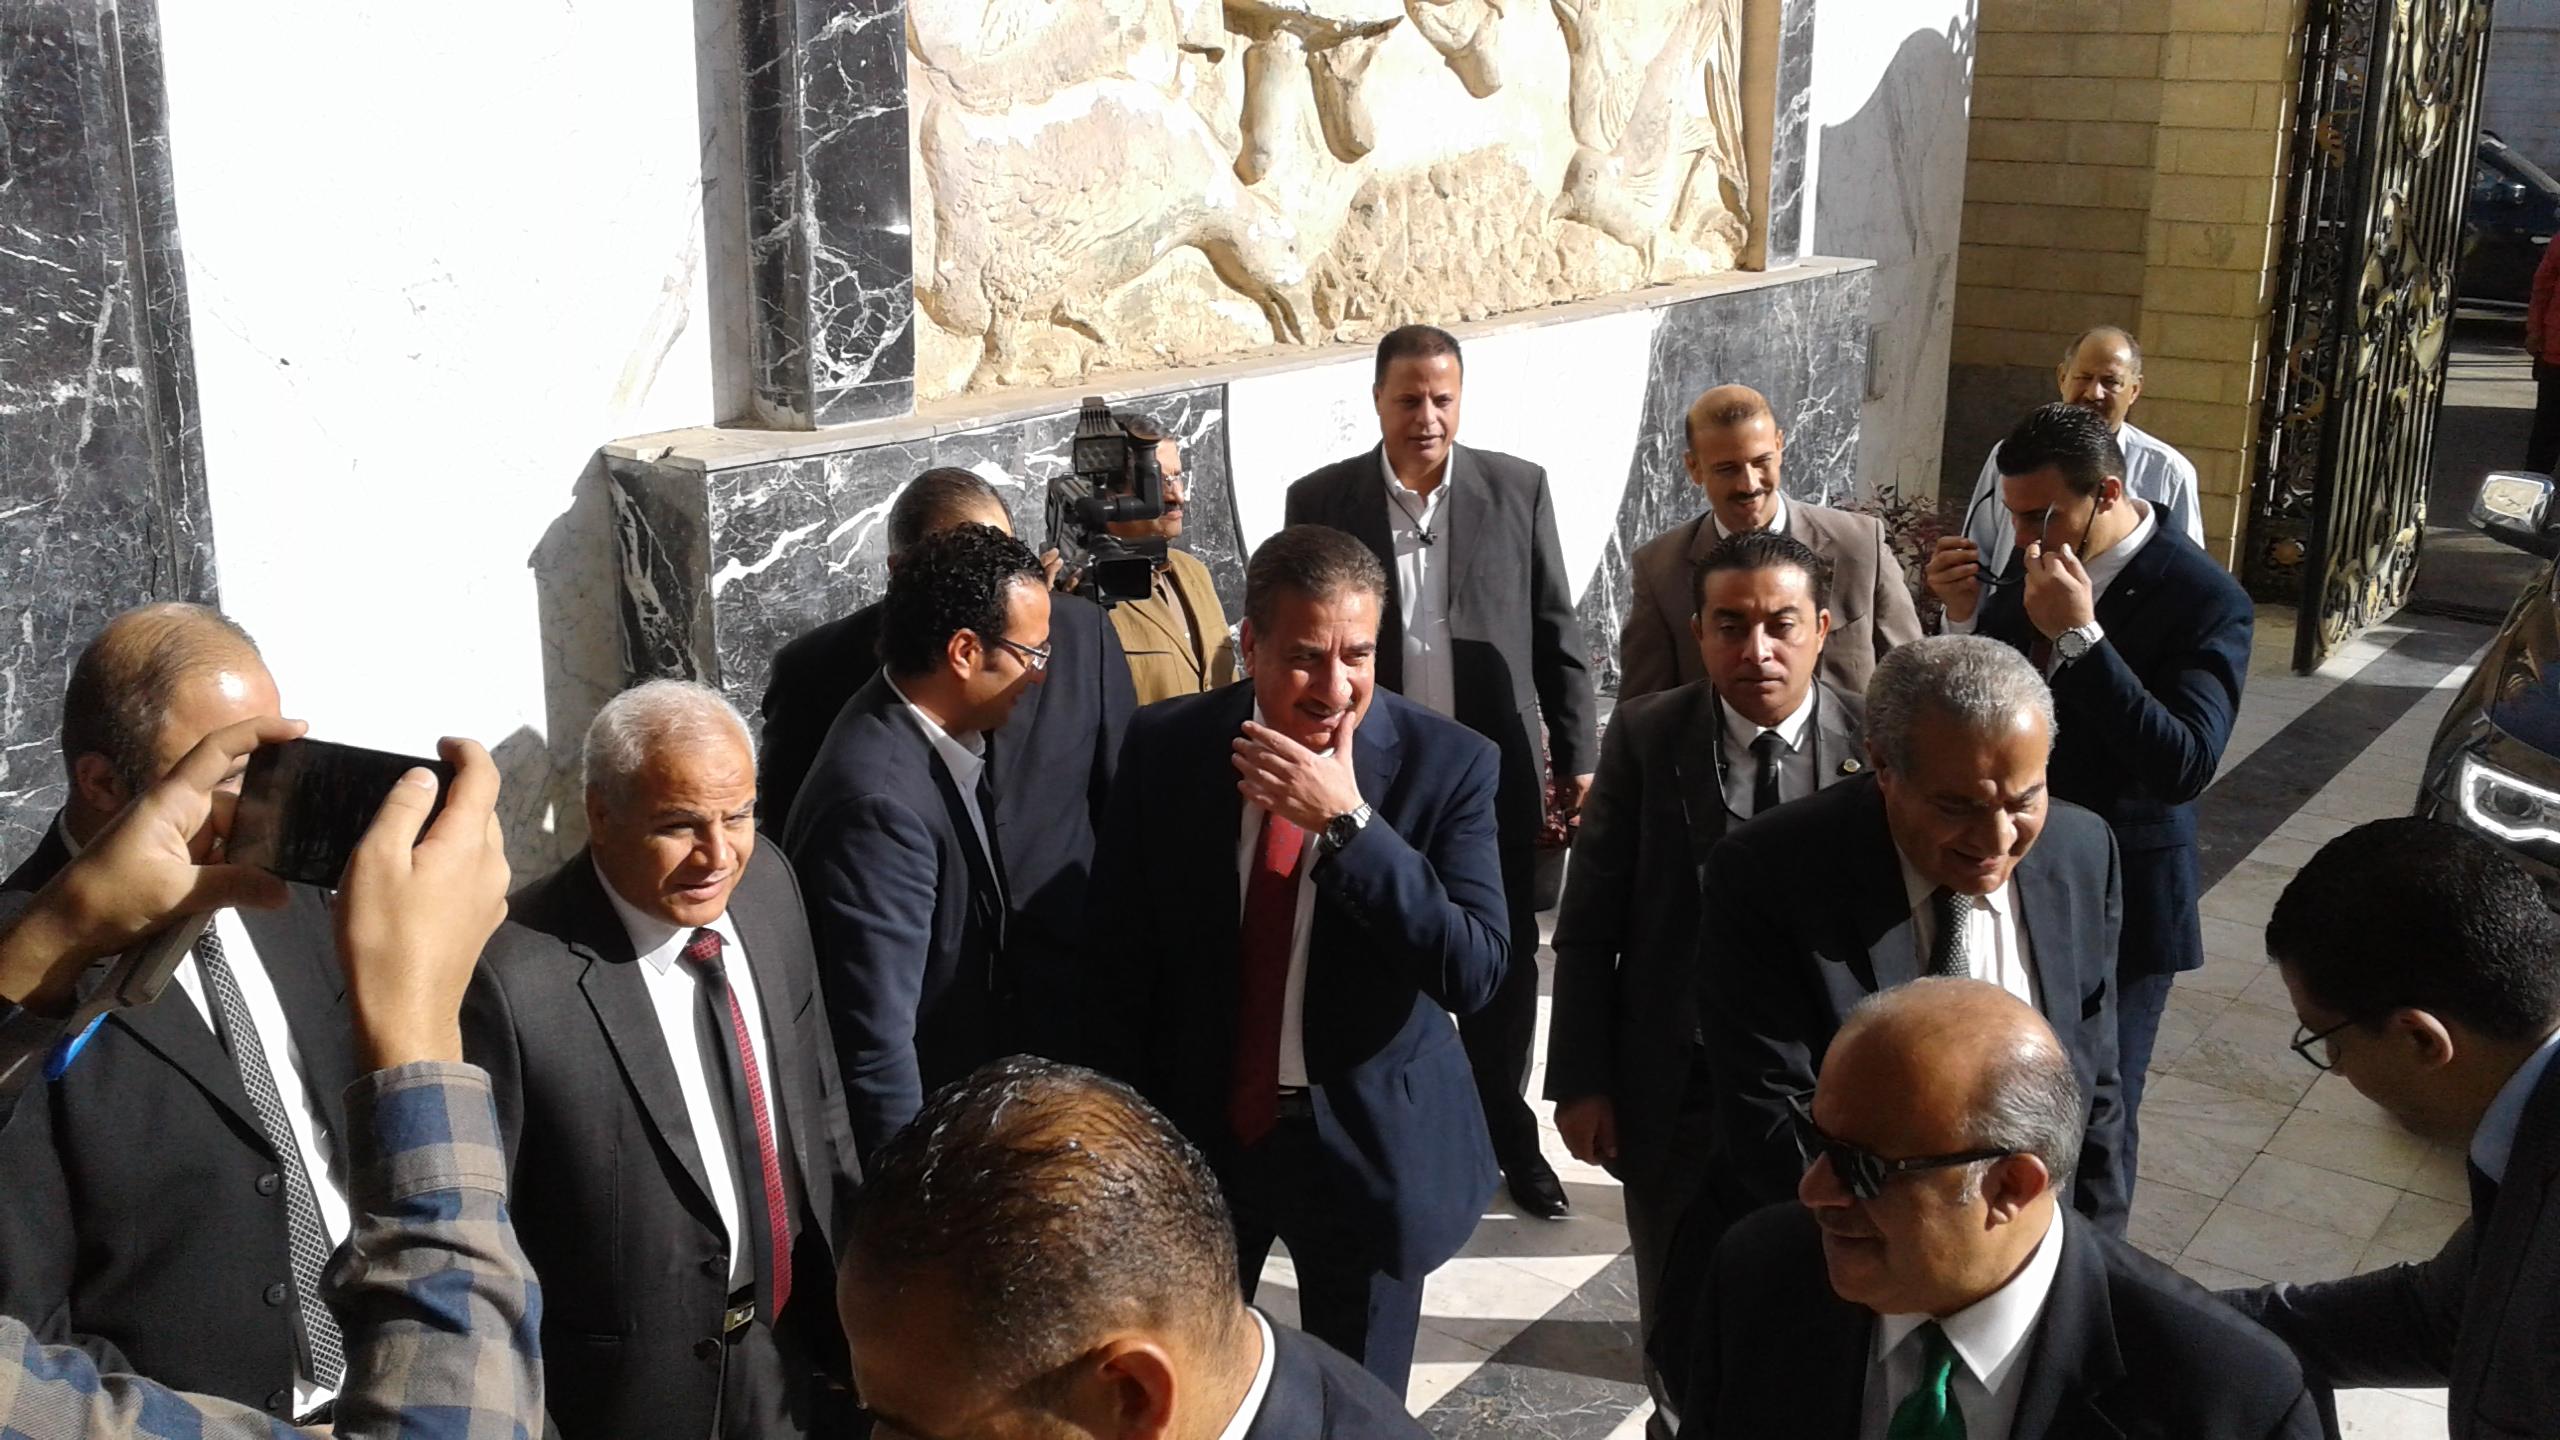 محافظ المنوفية يستقبل وزير التموين لوضع حجر اساس مشروع دلتا لاند مارك (6)